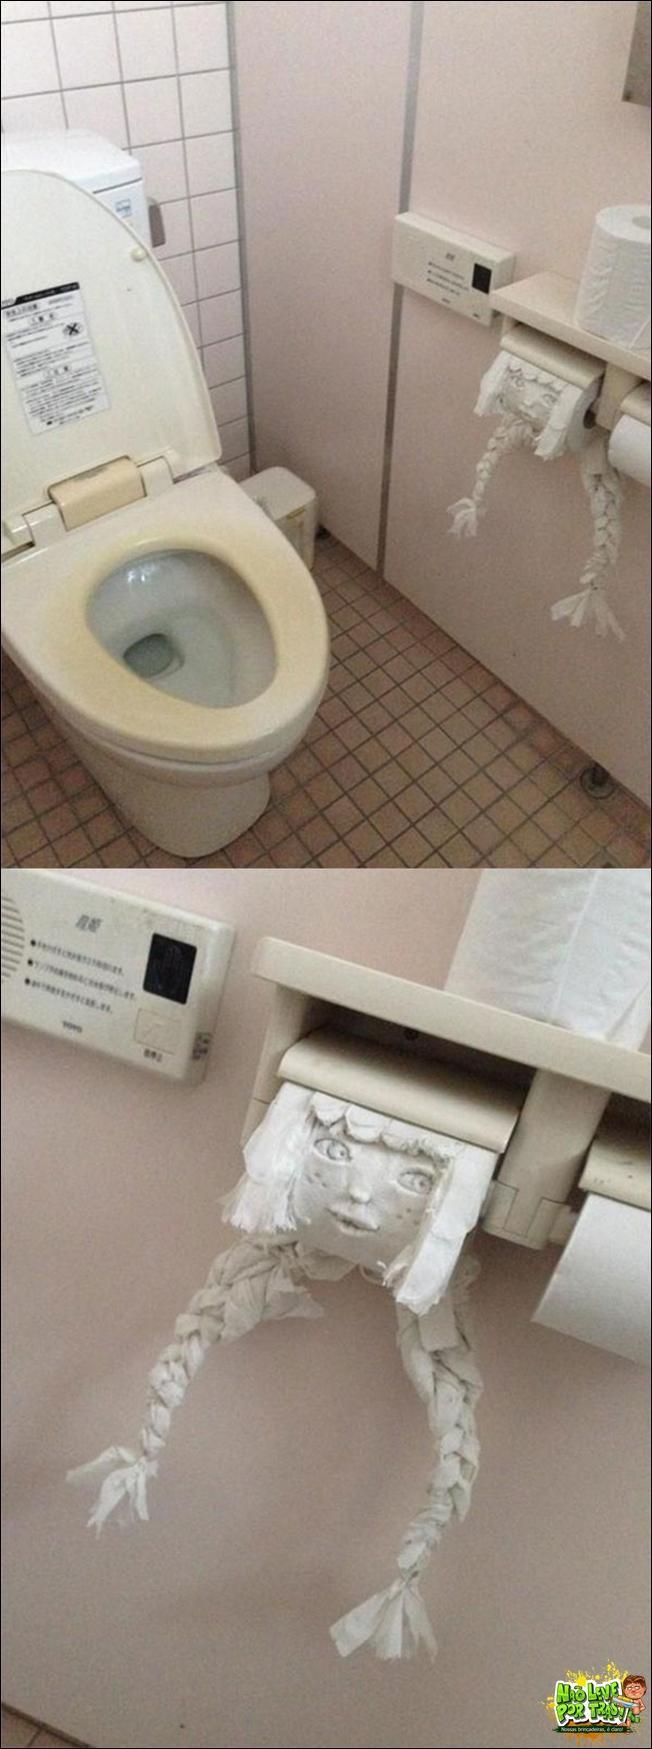 entediado-banheiro-papel